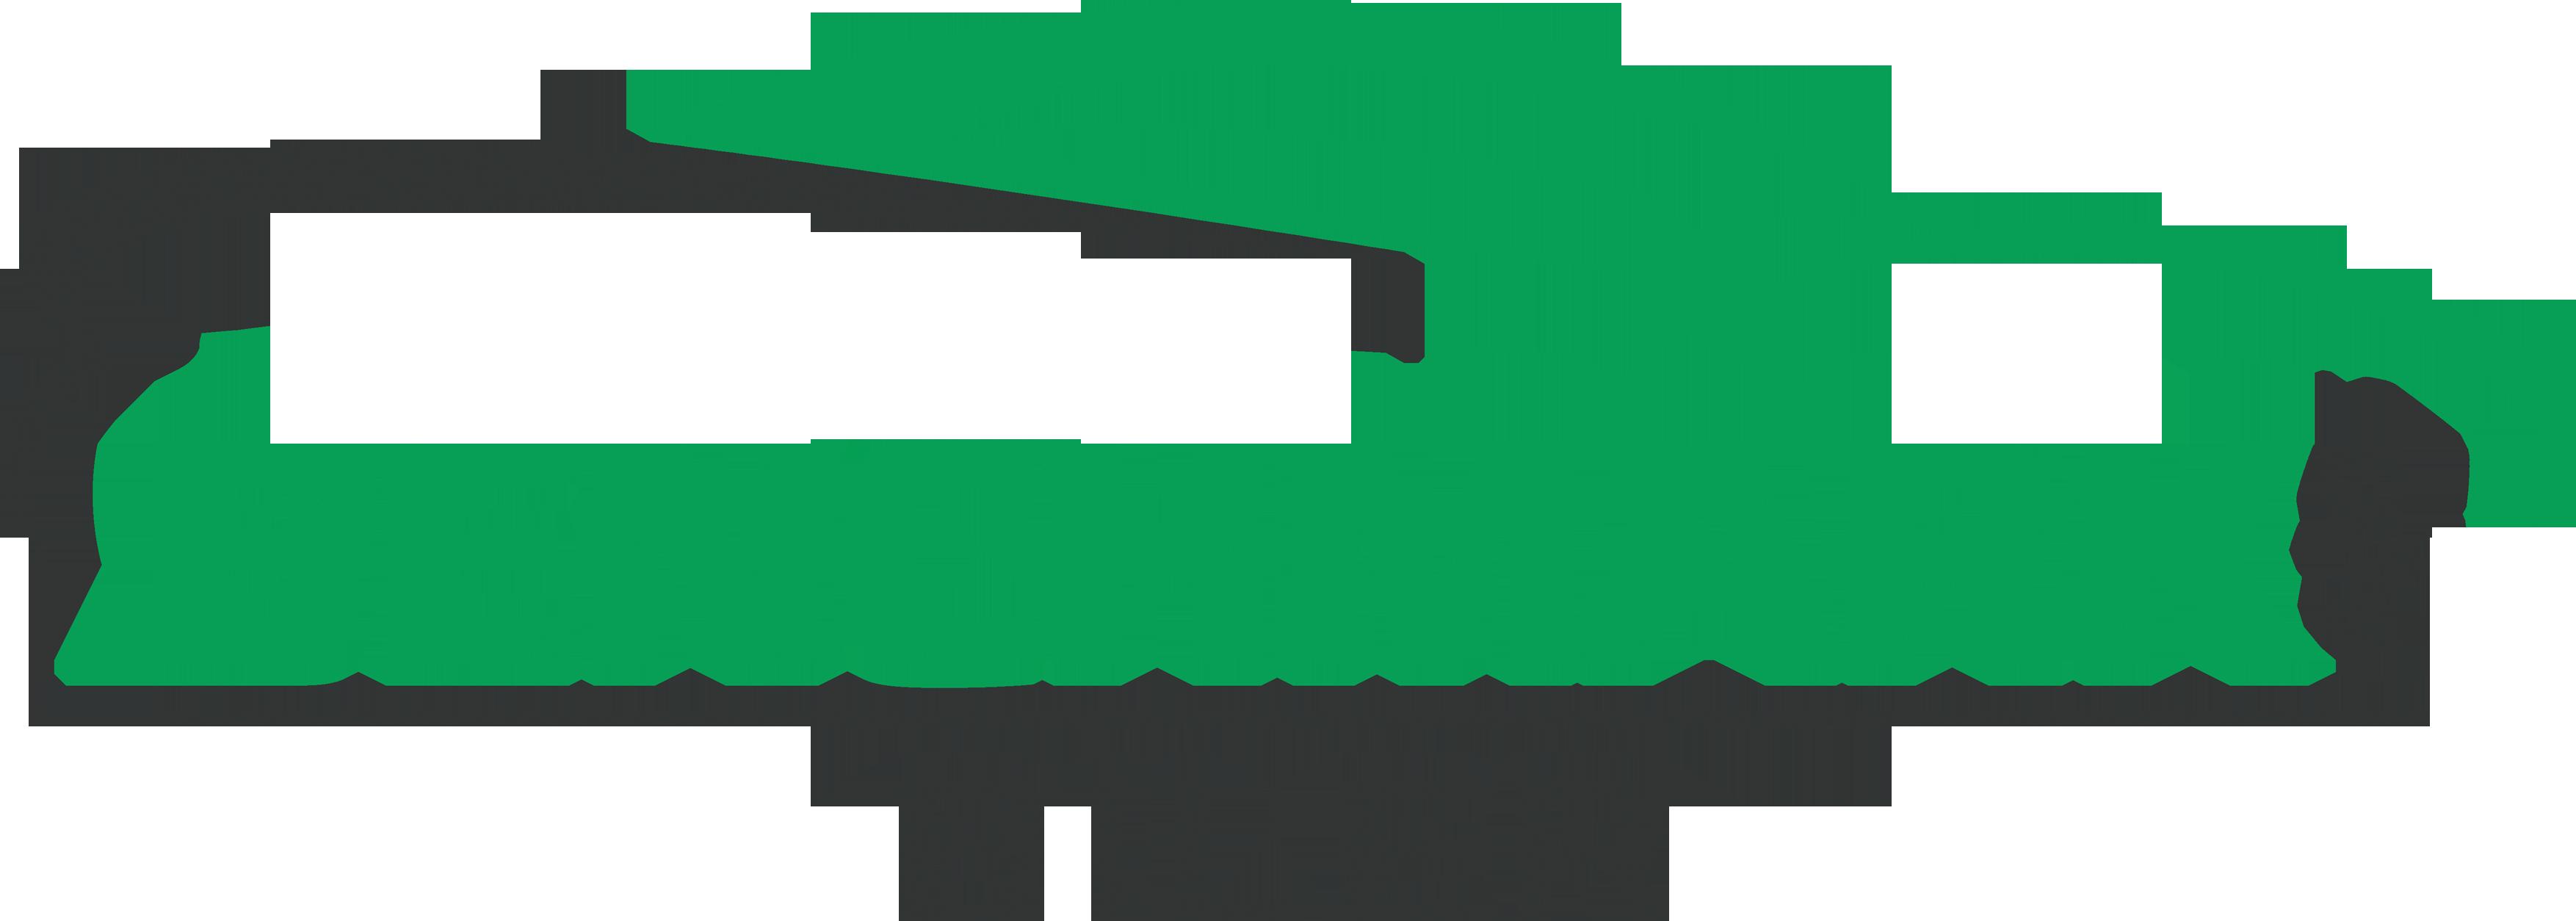 Benchmark Biler